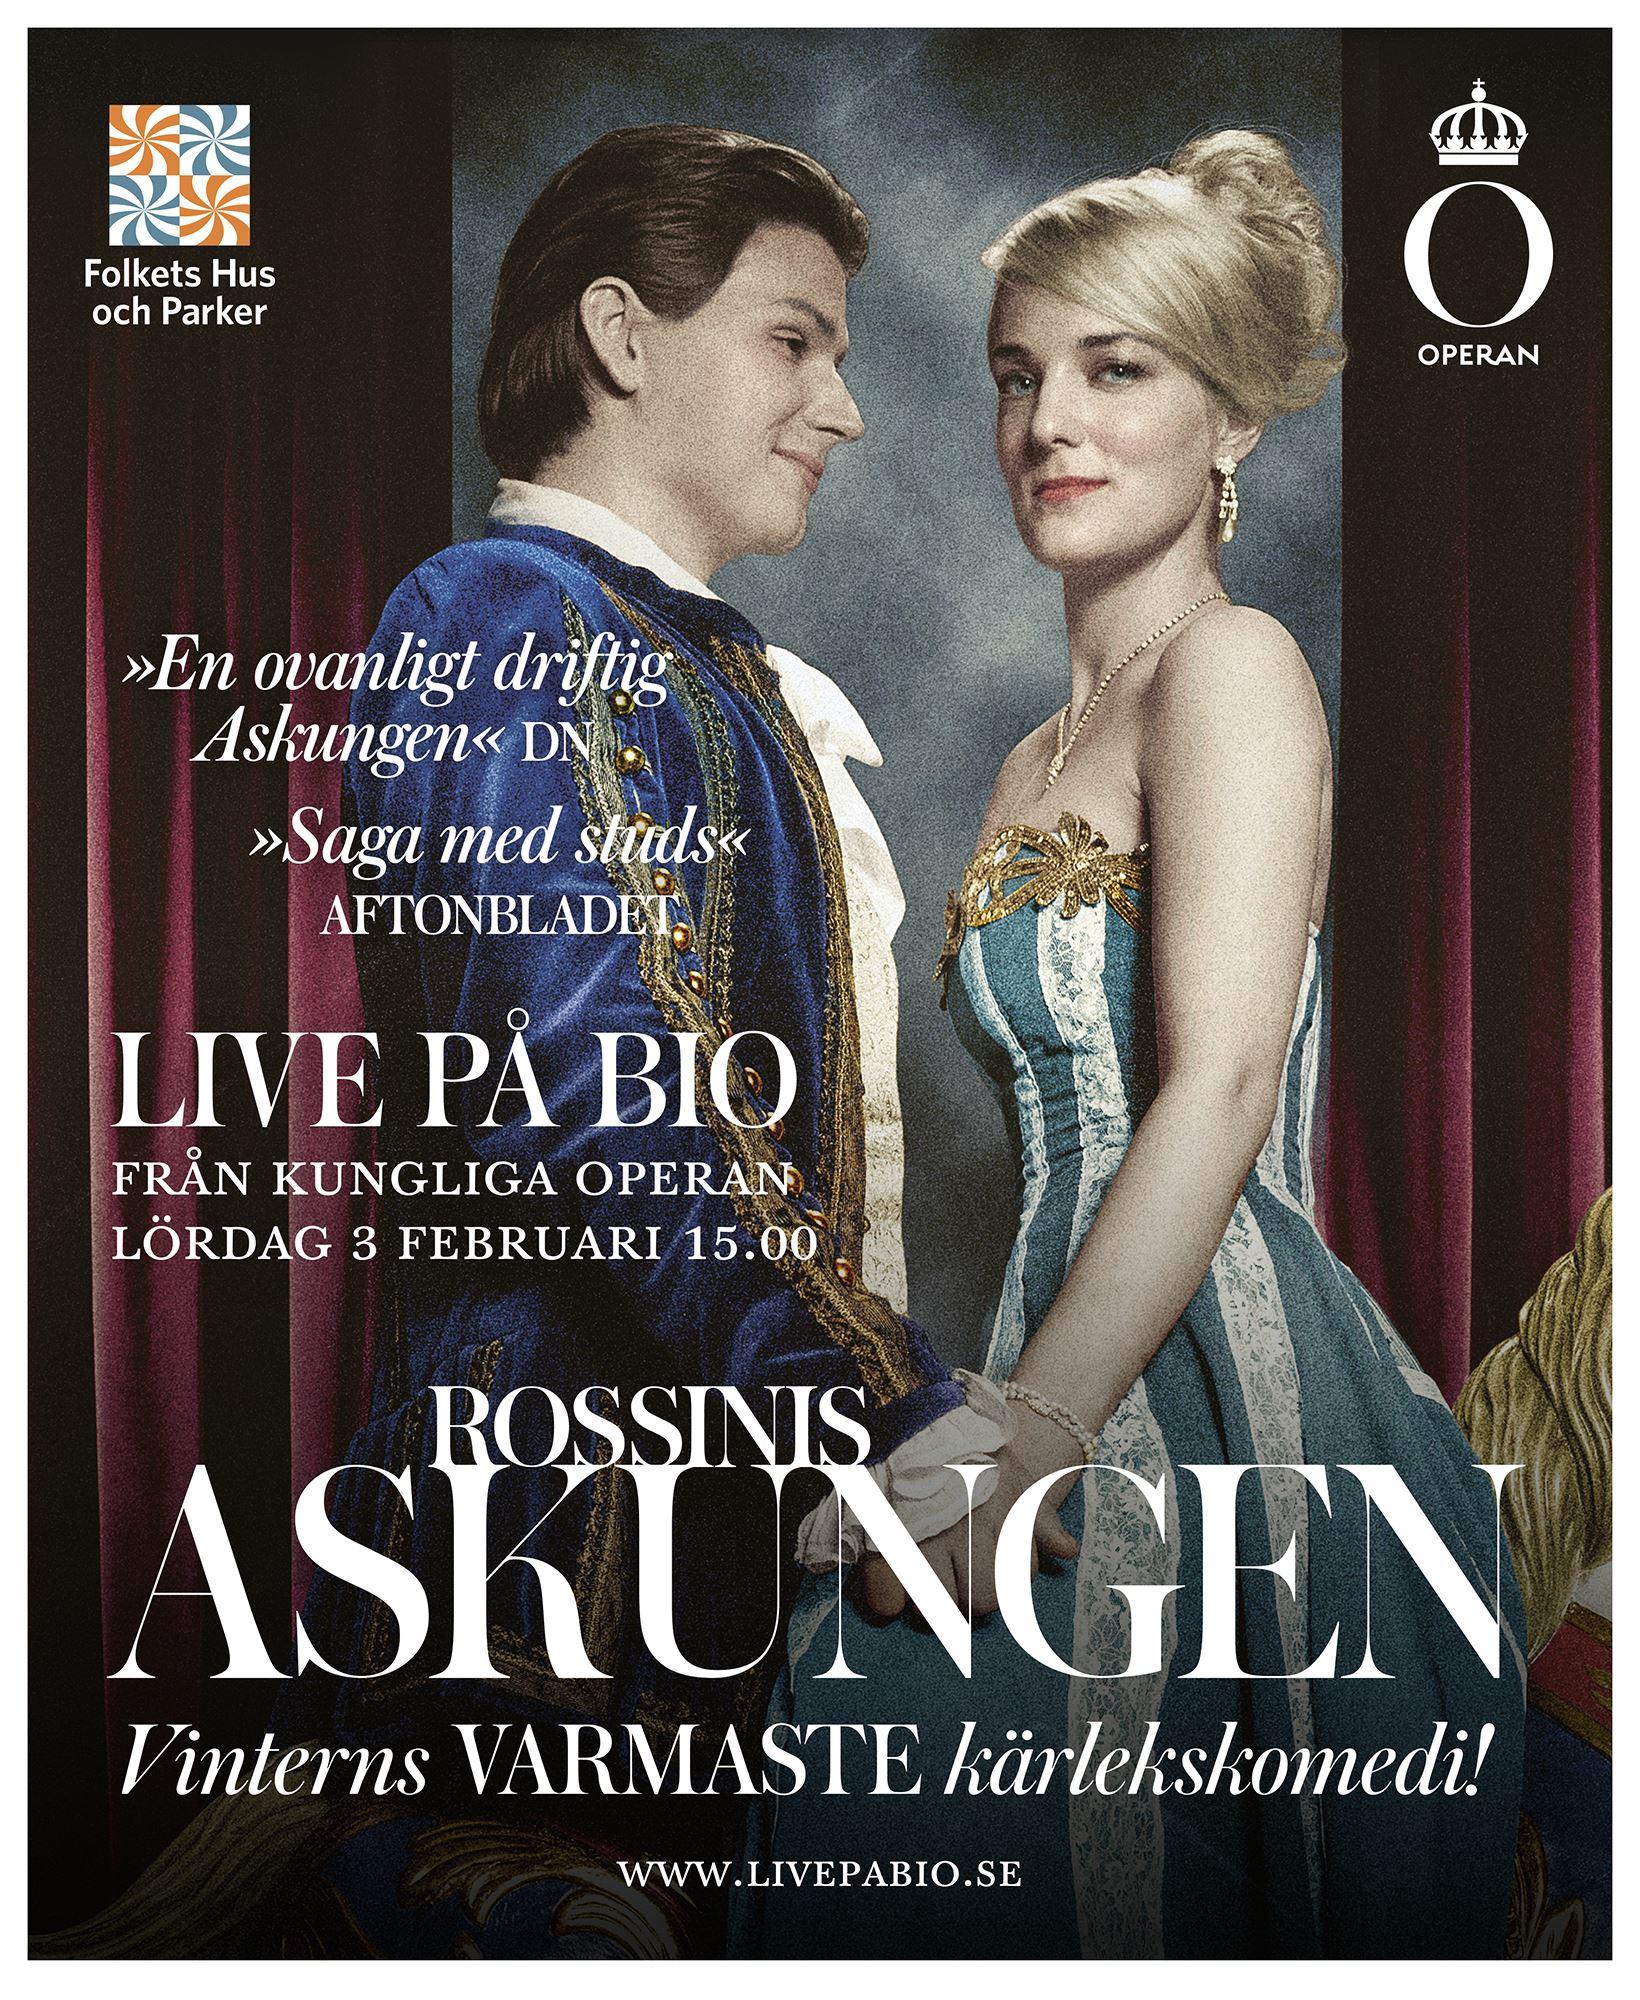 Kungliga Operan, Stockholm, ger Askungen